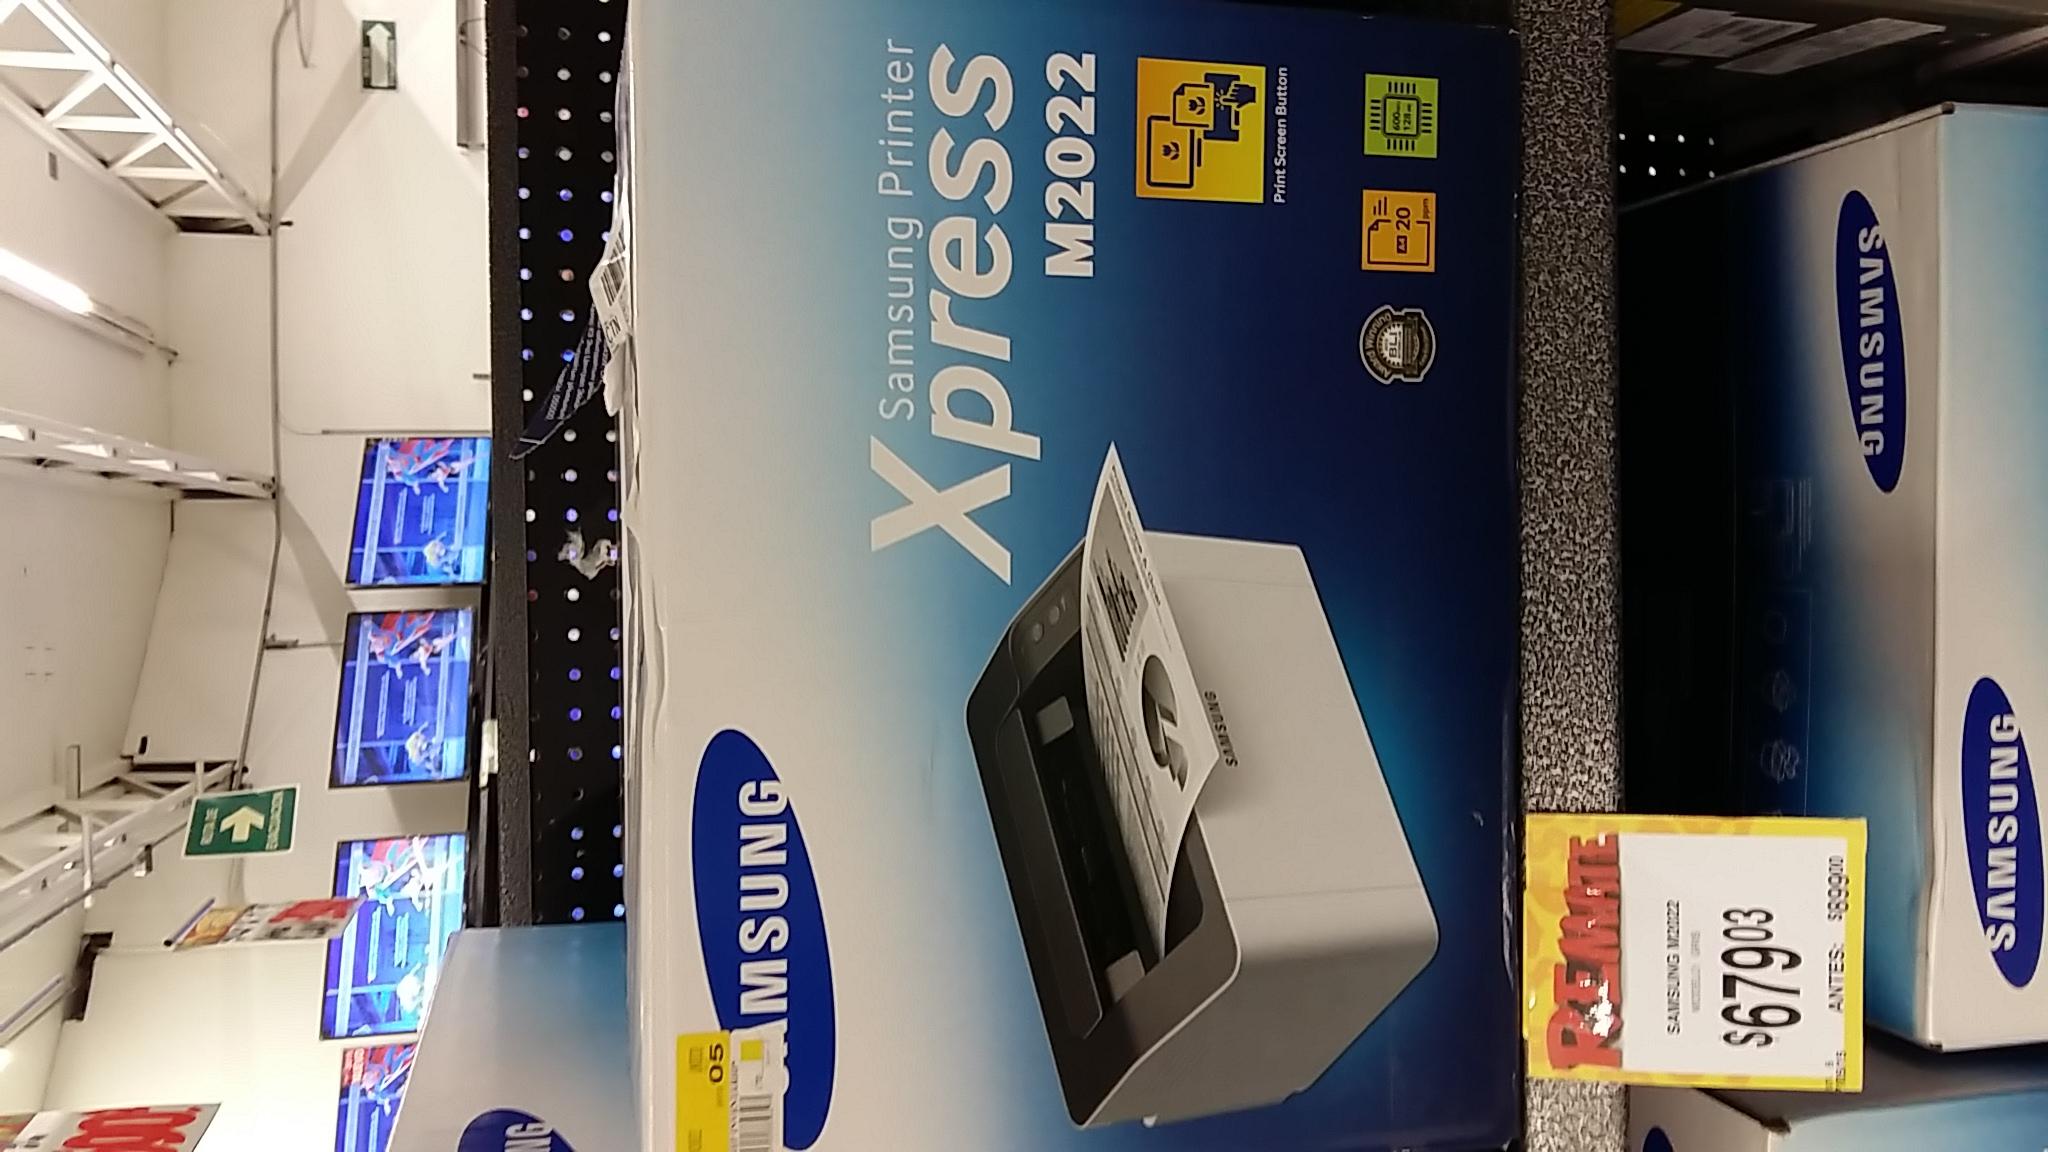 Bodega Aurrerá: Impresora Laser Samsung a $679.03